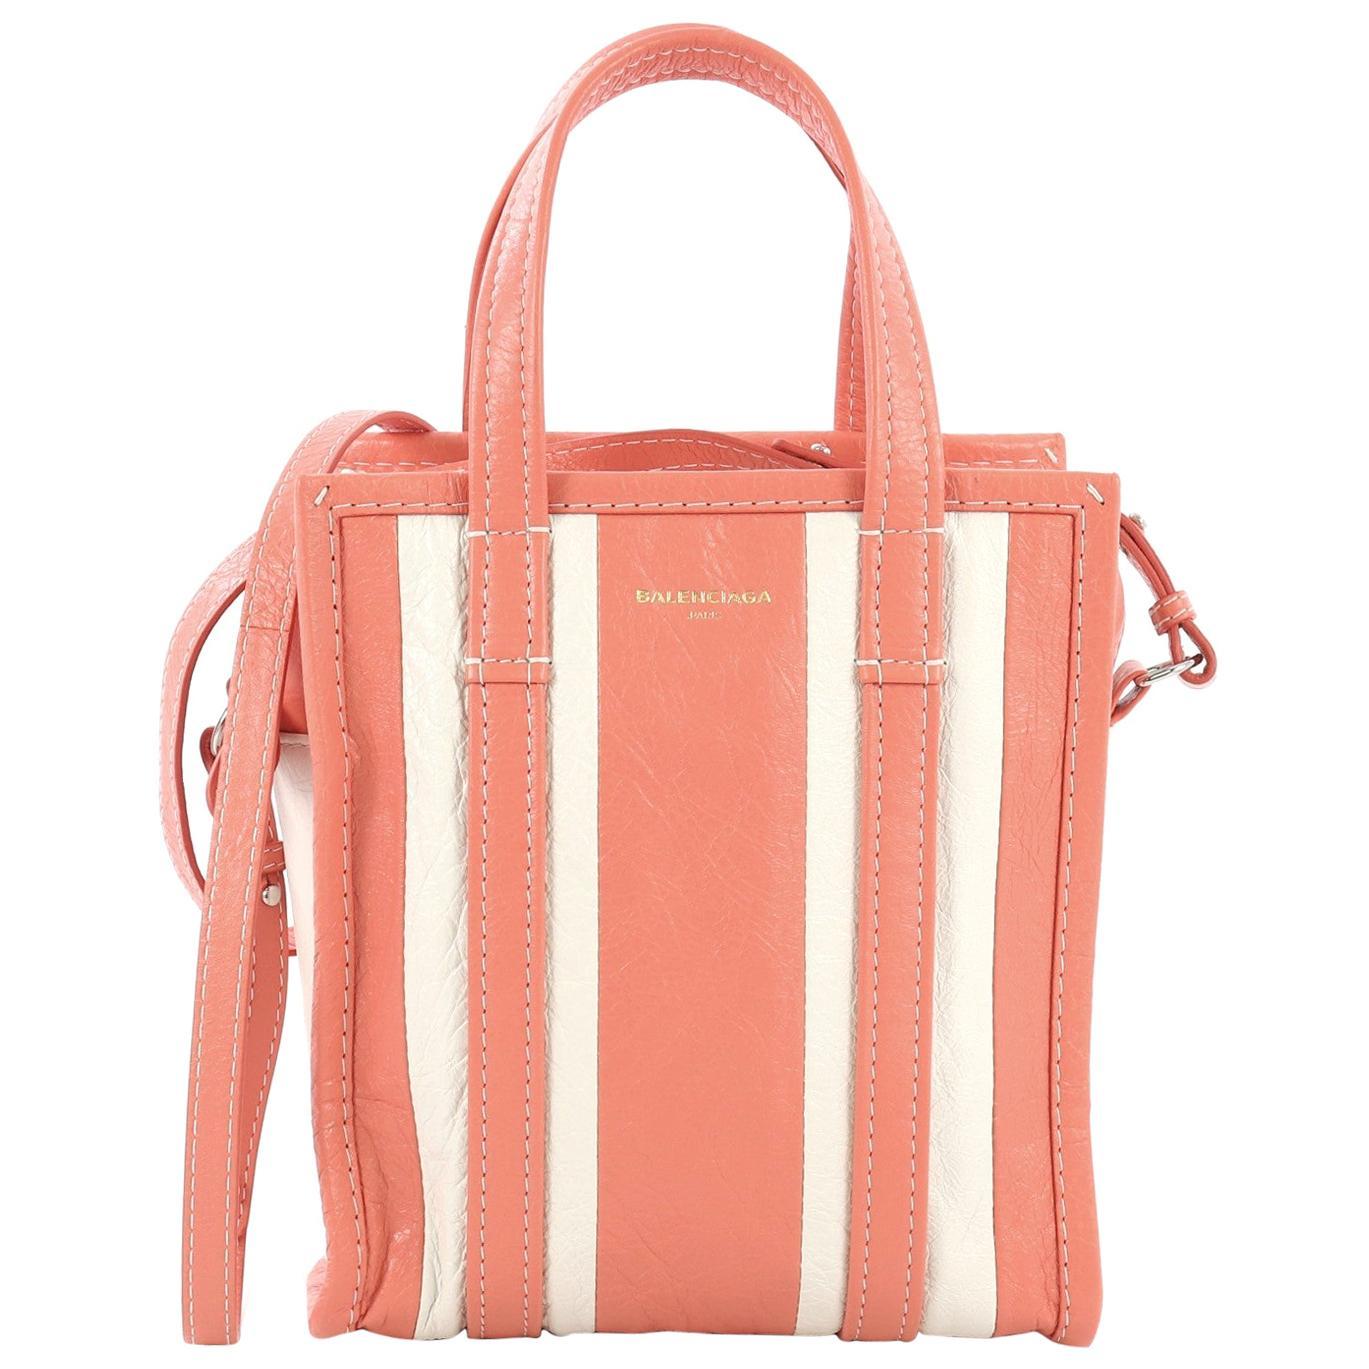 101be445376 Vintage Balenciaga Handbags and Purses - 298 For Sale at 1stdibs